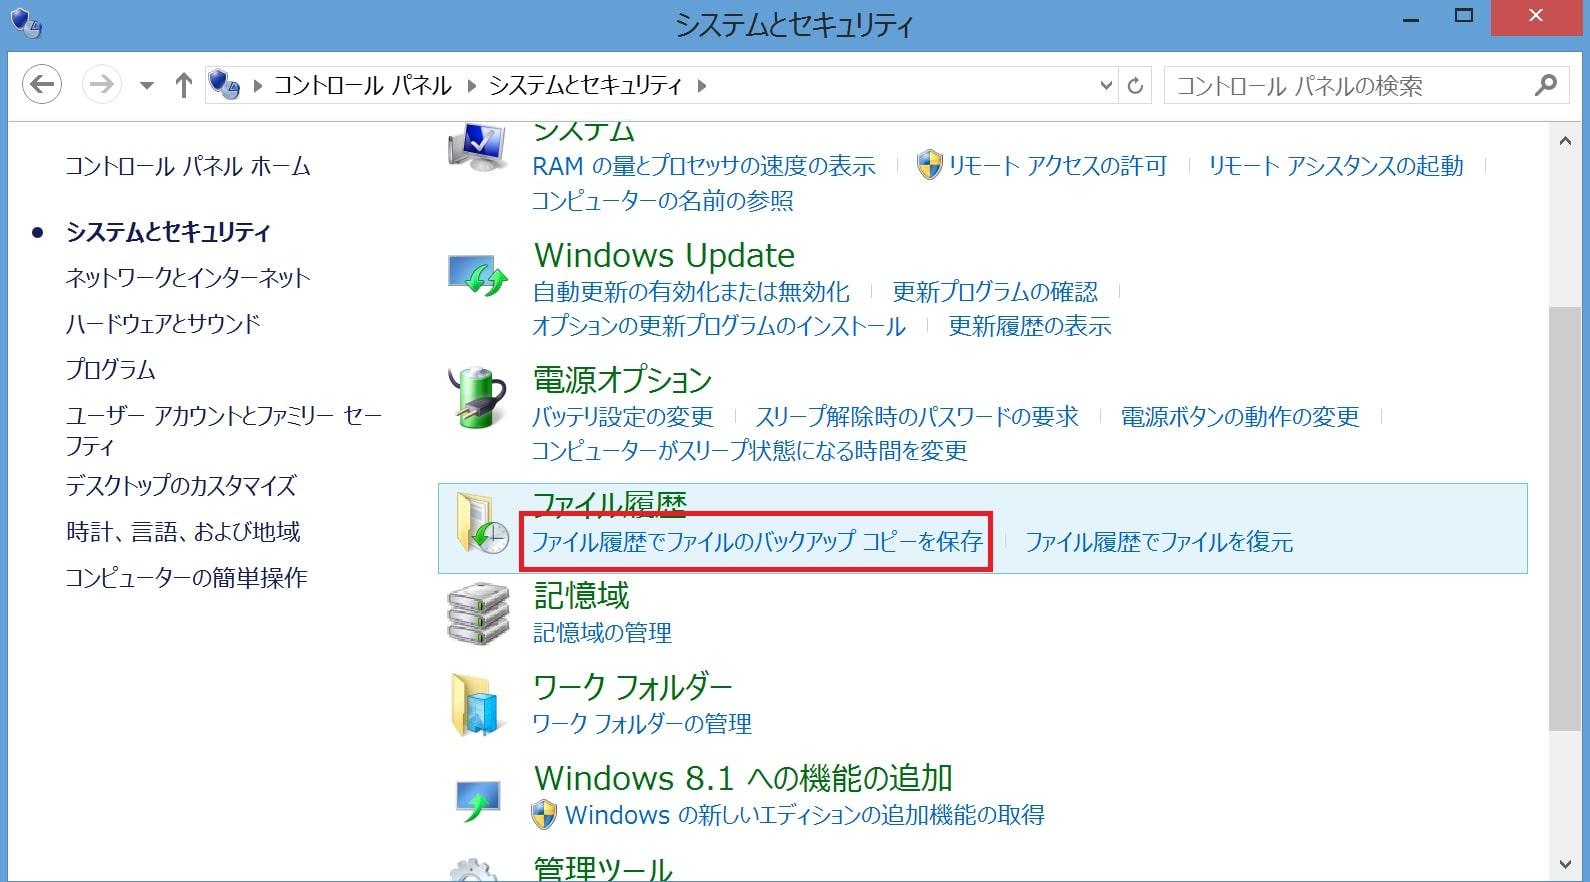 ファイル履歴でファイルのバックアップコピーを保存